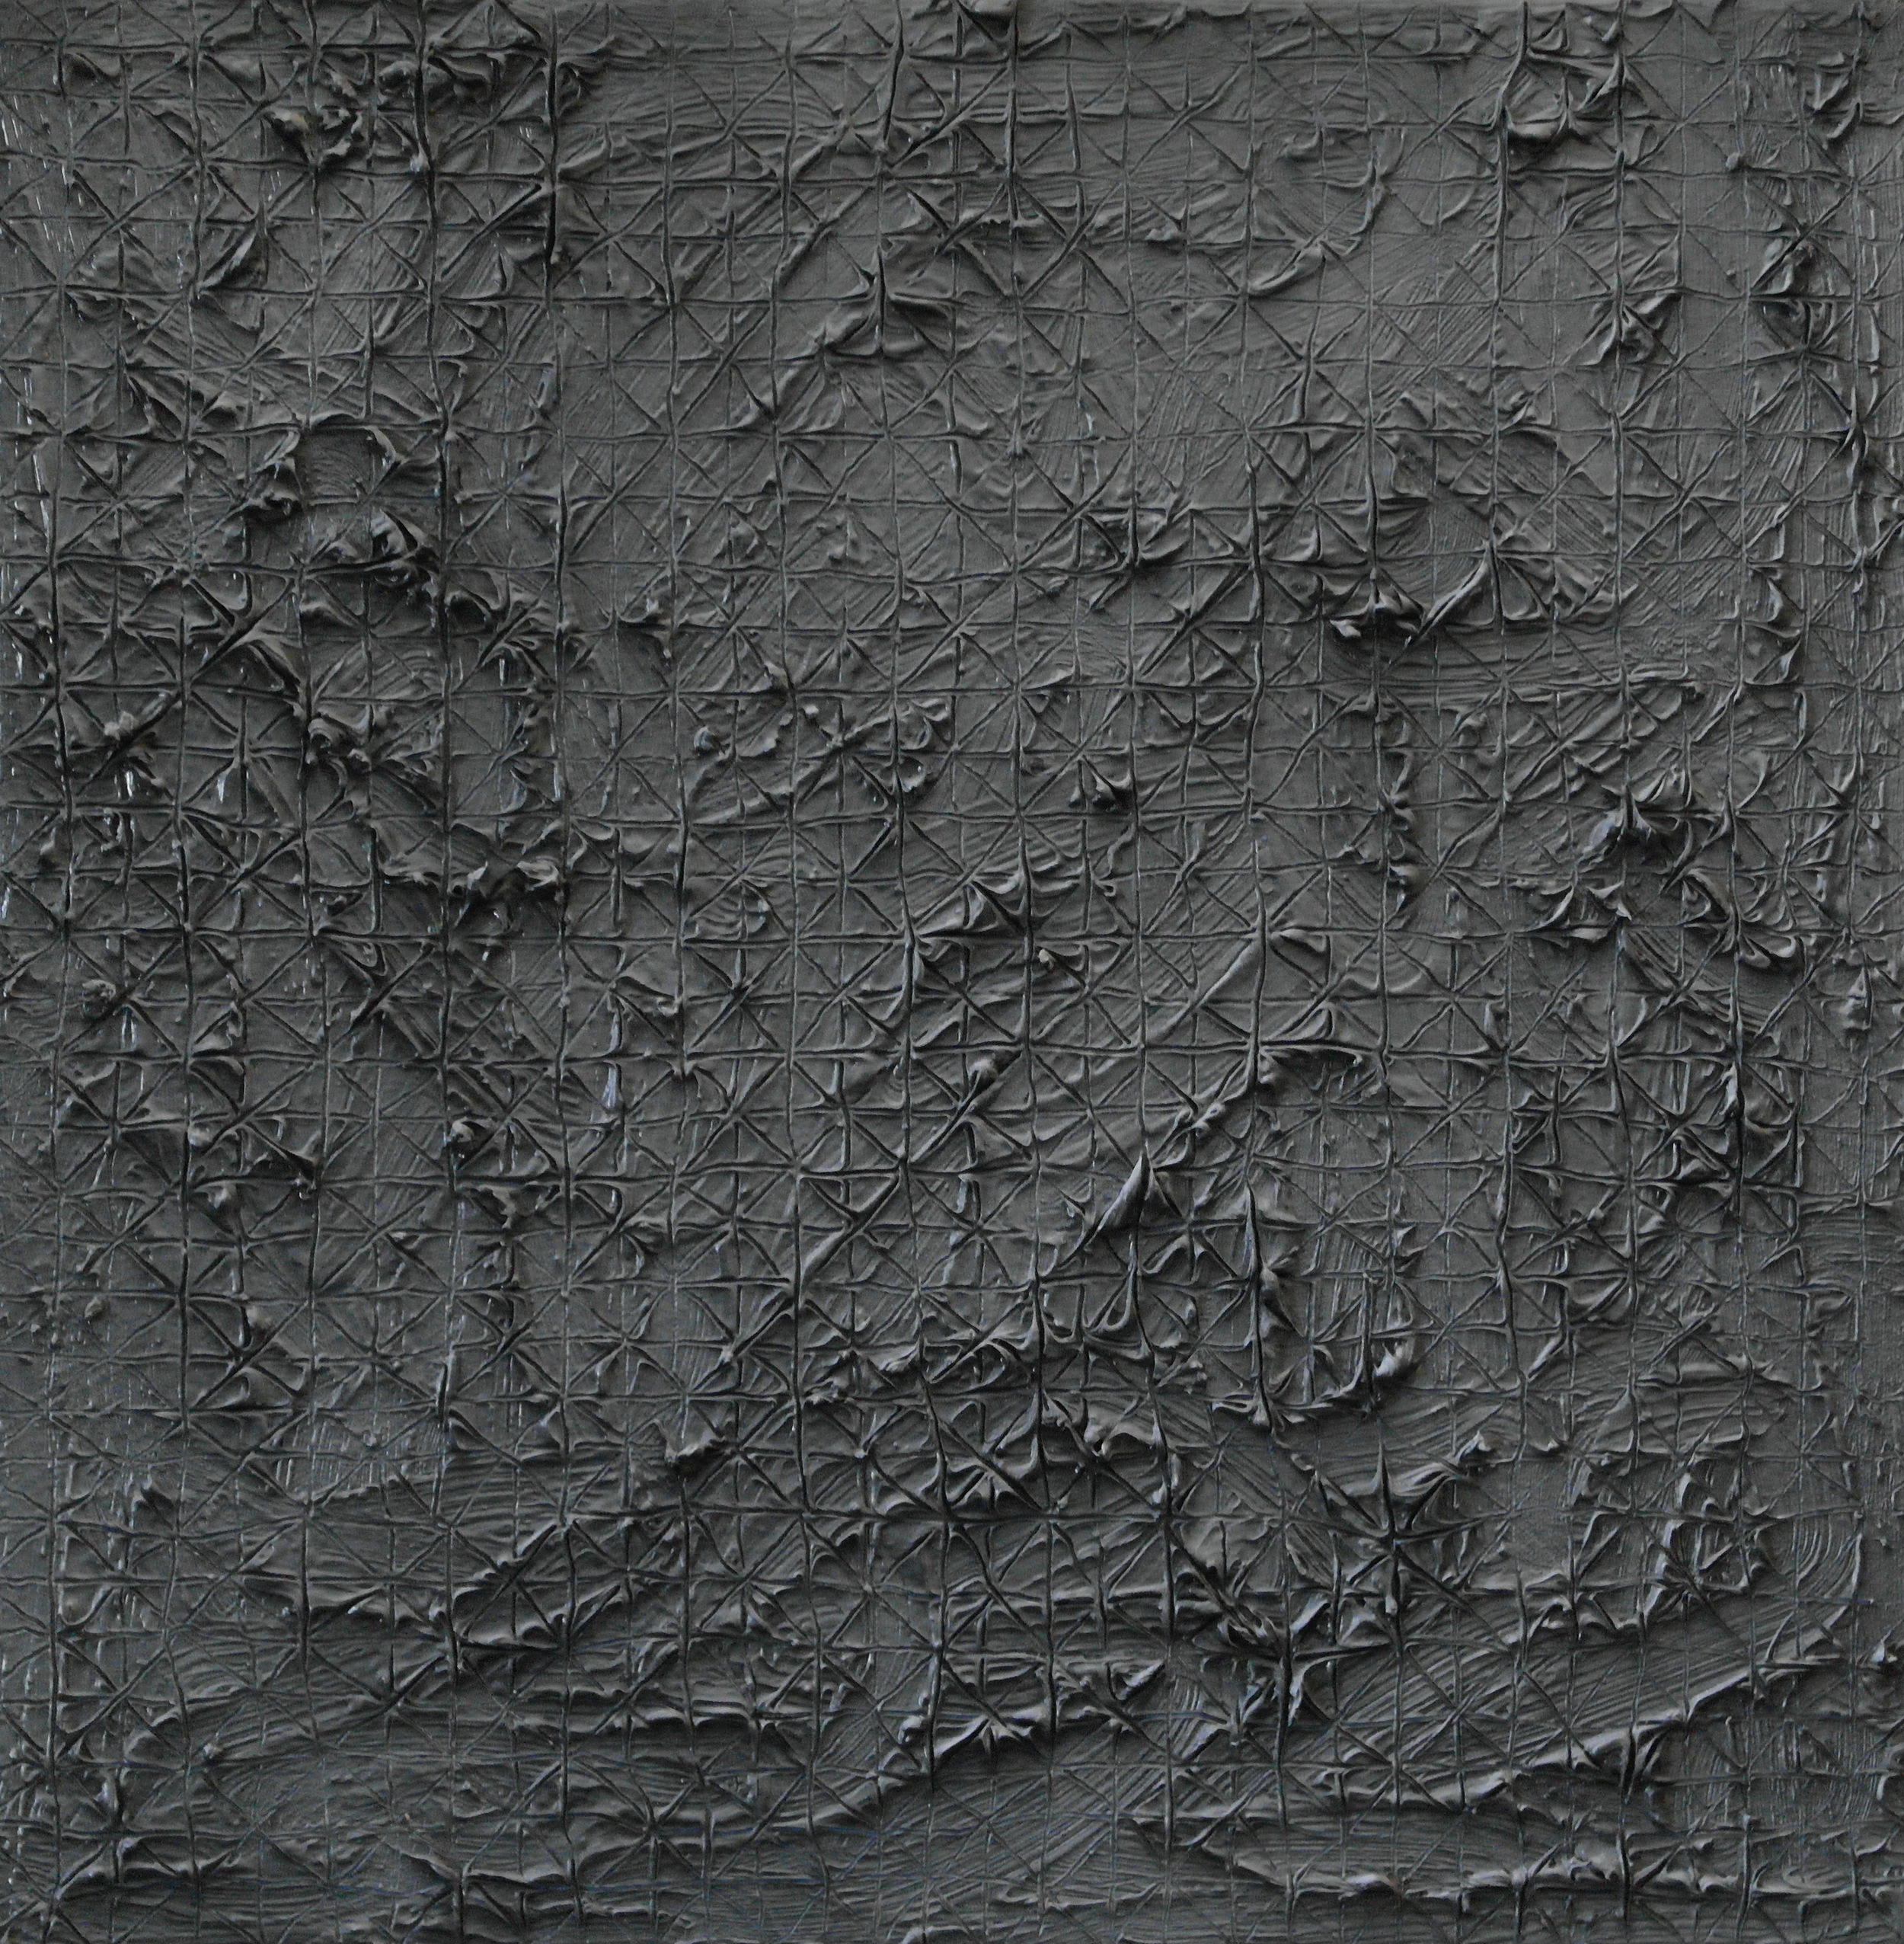 Mater nr. 2, 2015, ulei pe pânză, 40 x 40 cm